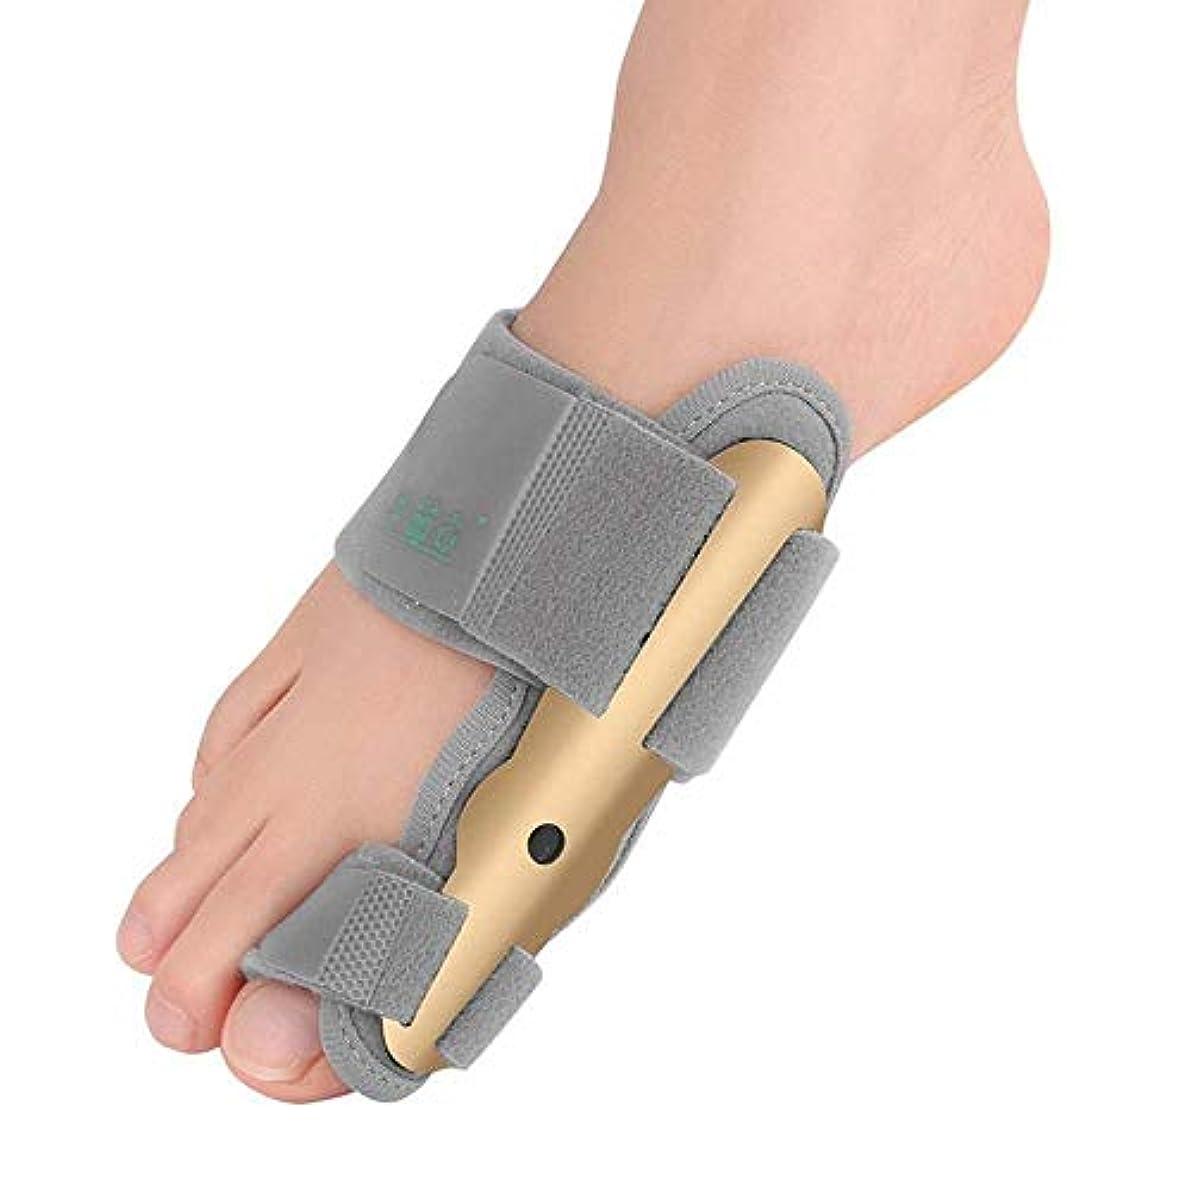 袋過半数タッチつま先のセパレーター、足の親指のアライメント矯正器のつま先の変形とサポート腱膜瘤1ピース、ユニバーサル左足と右足